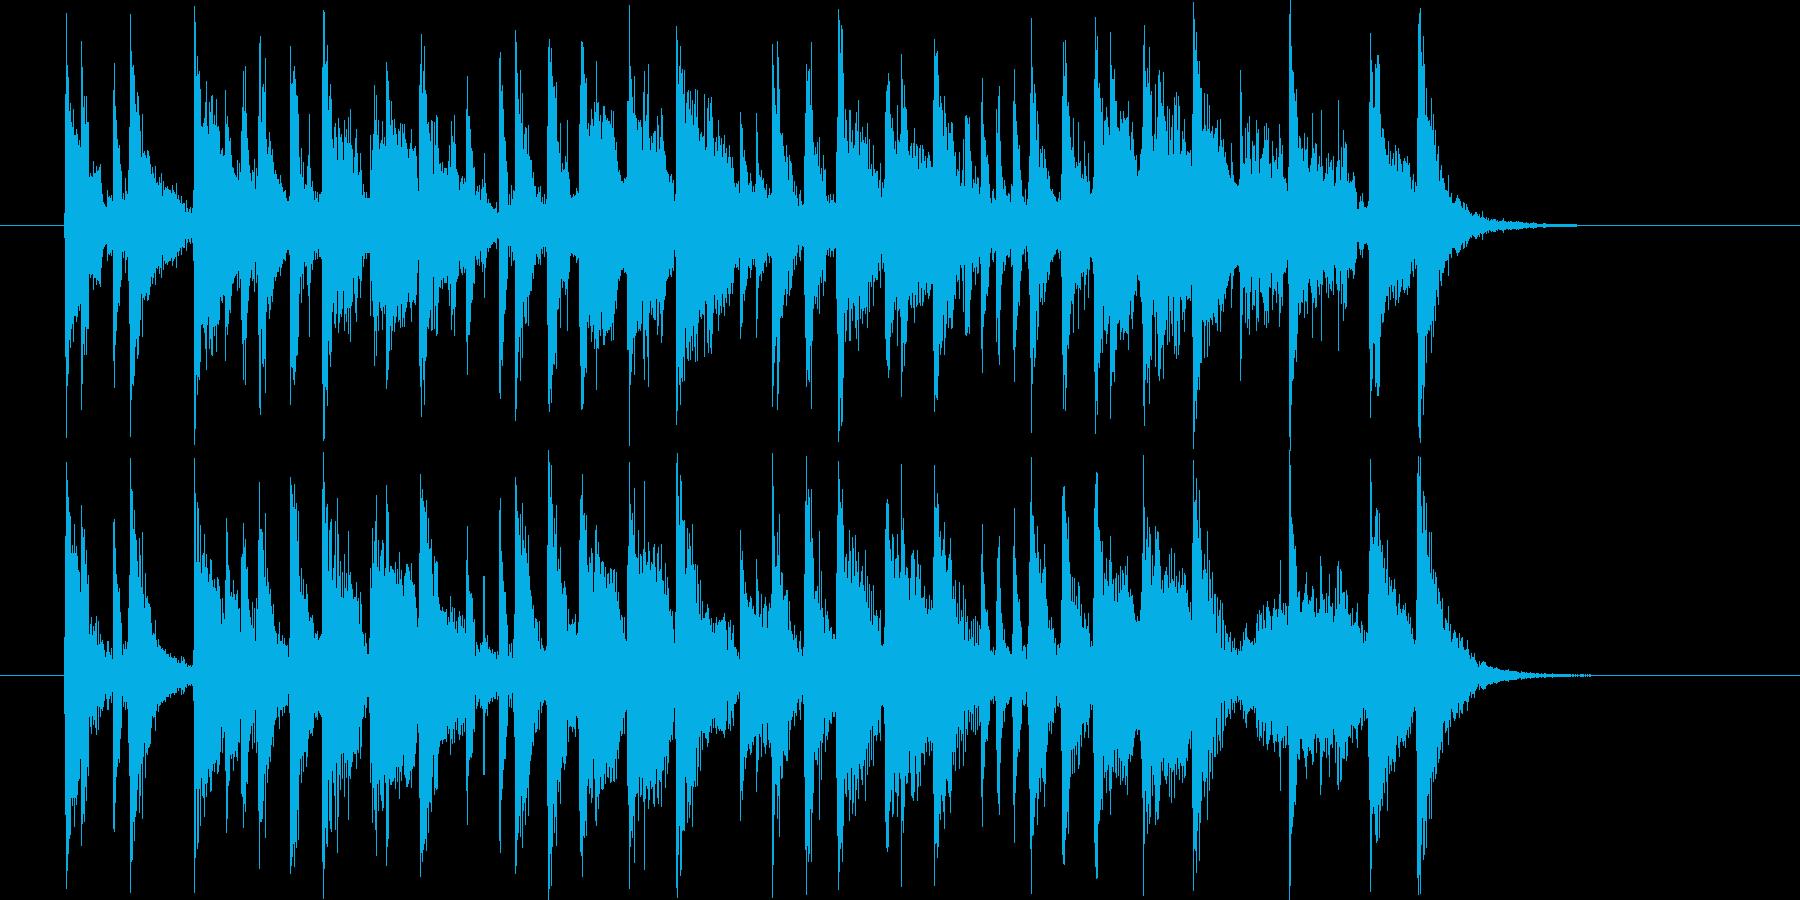 南国風味の短い打楽器中心のポップスの再生済みの波形